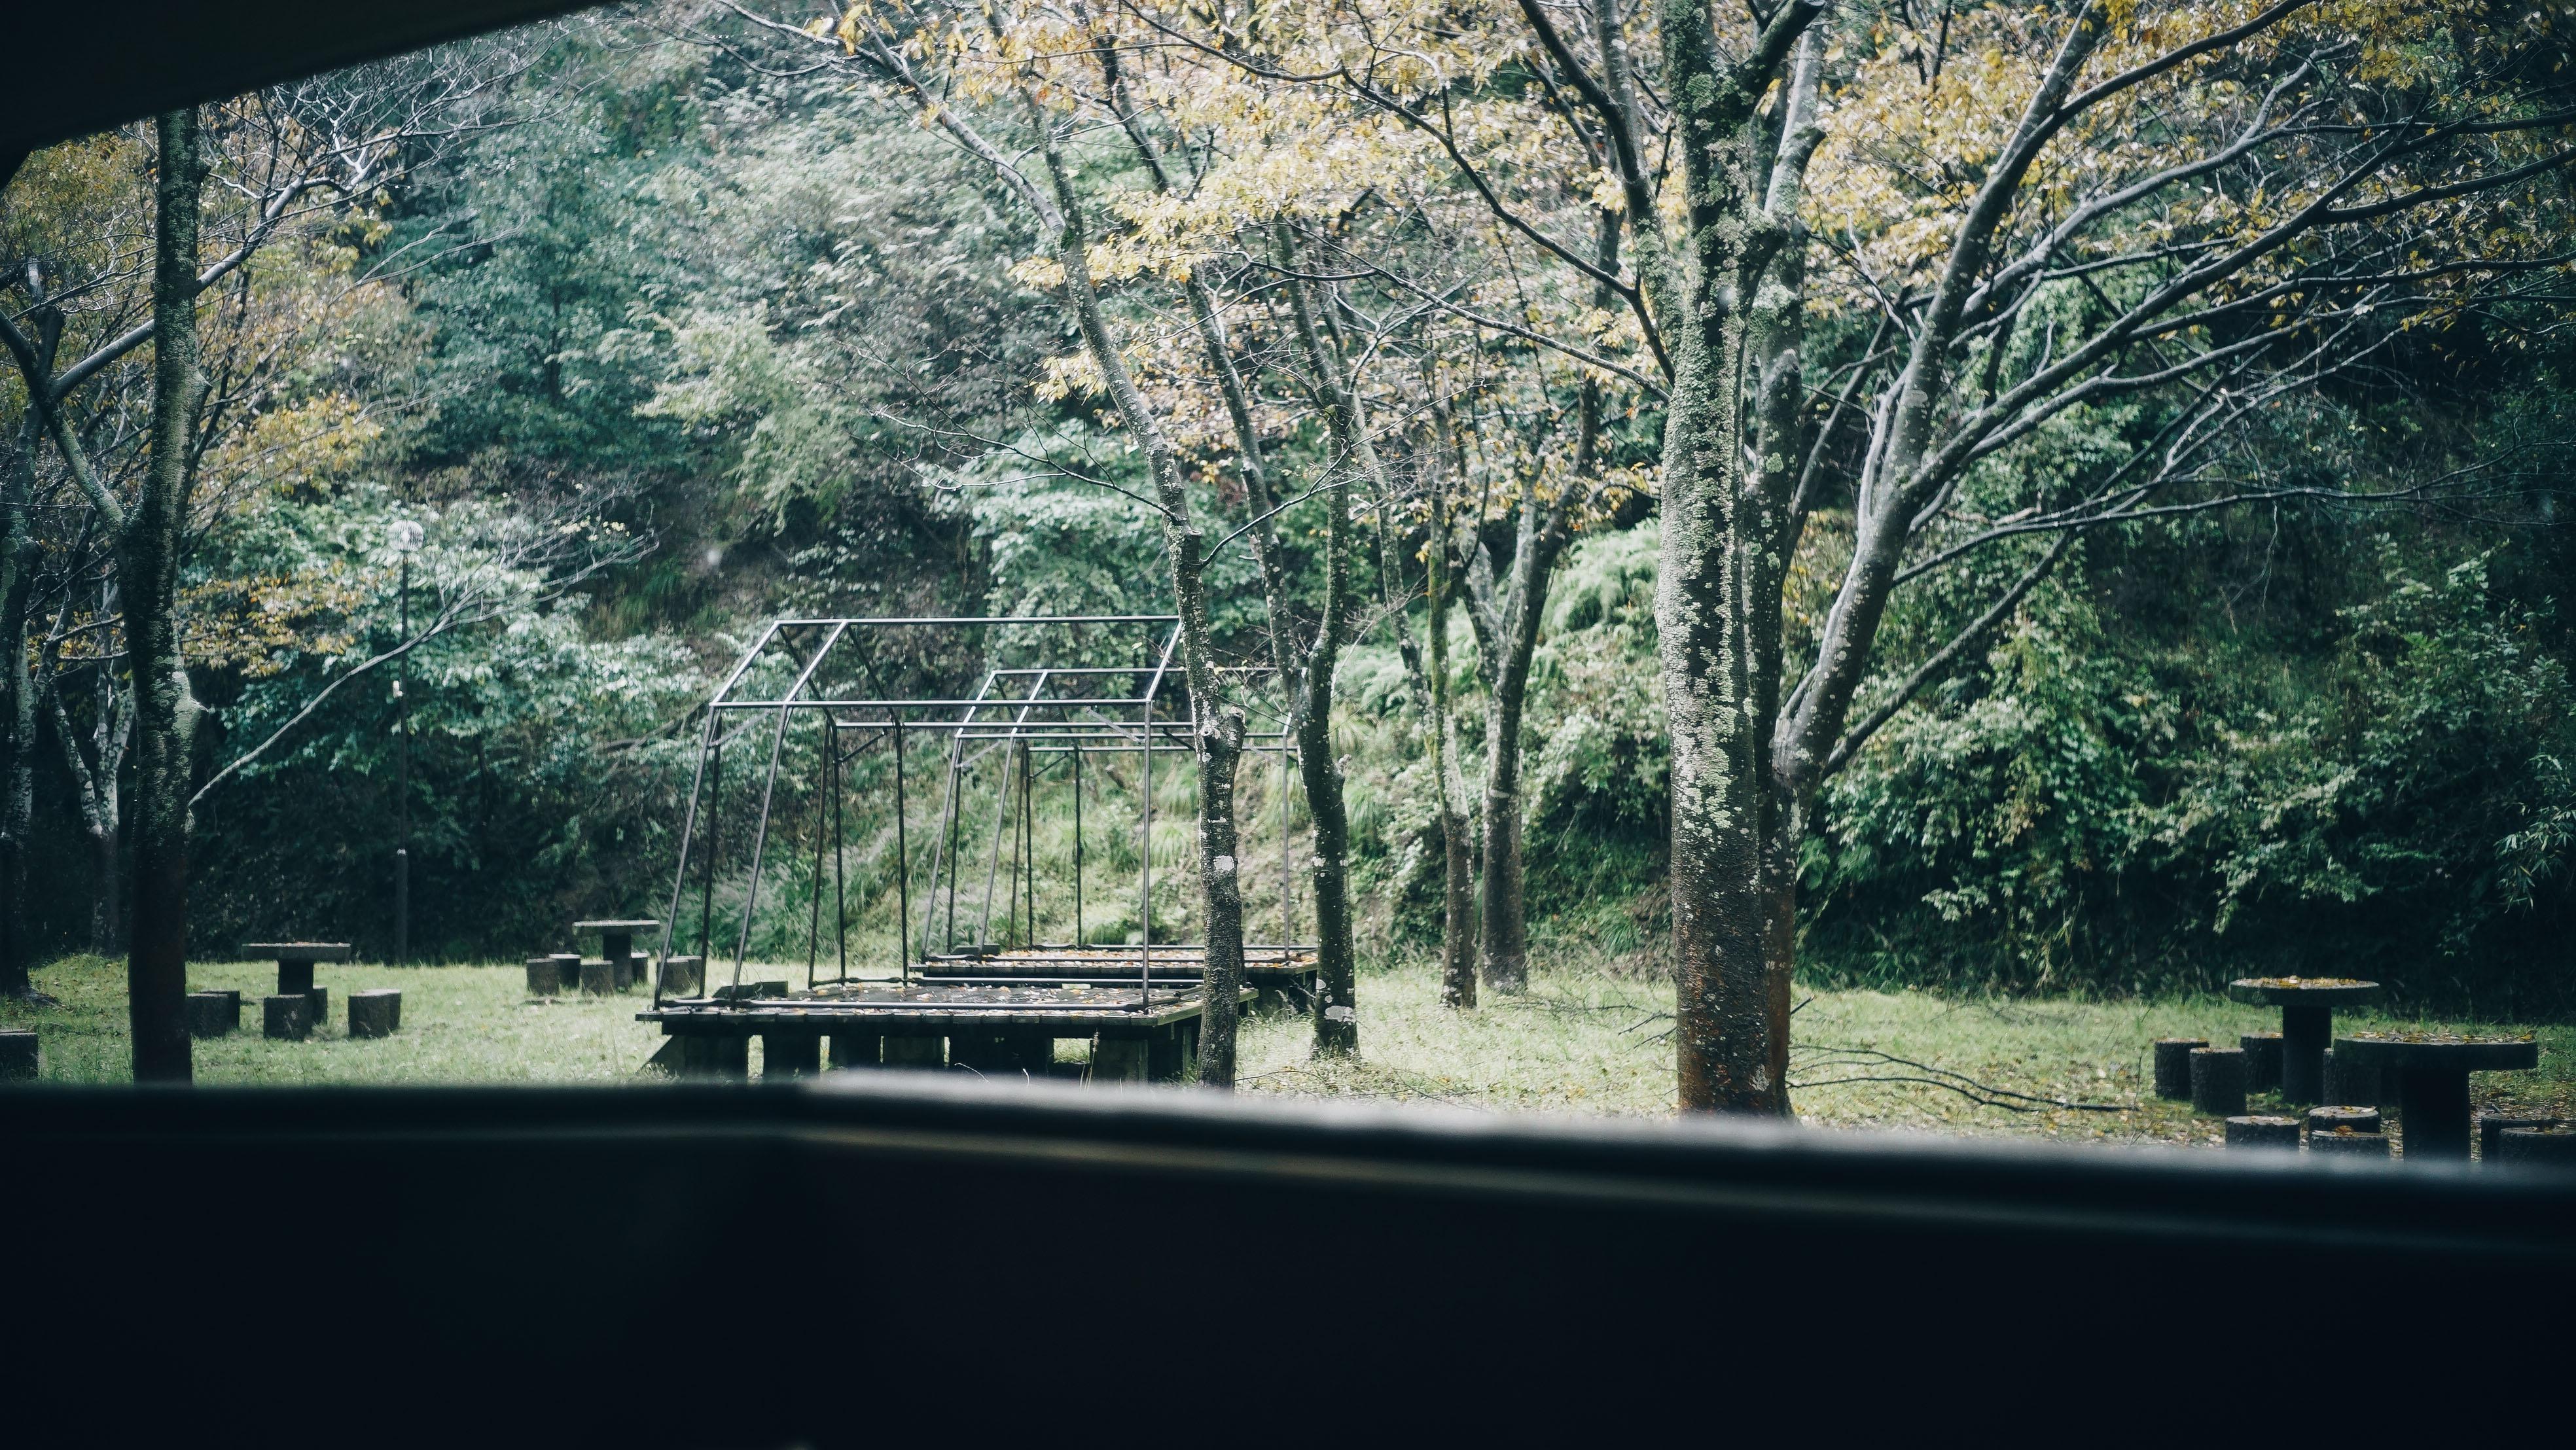 兵庫県香美町へ|リディラバのスタディーツアーに参加してきました②